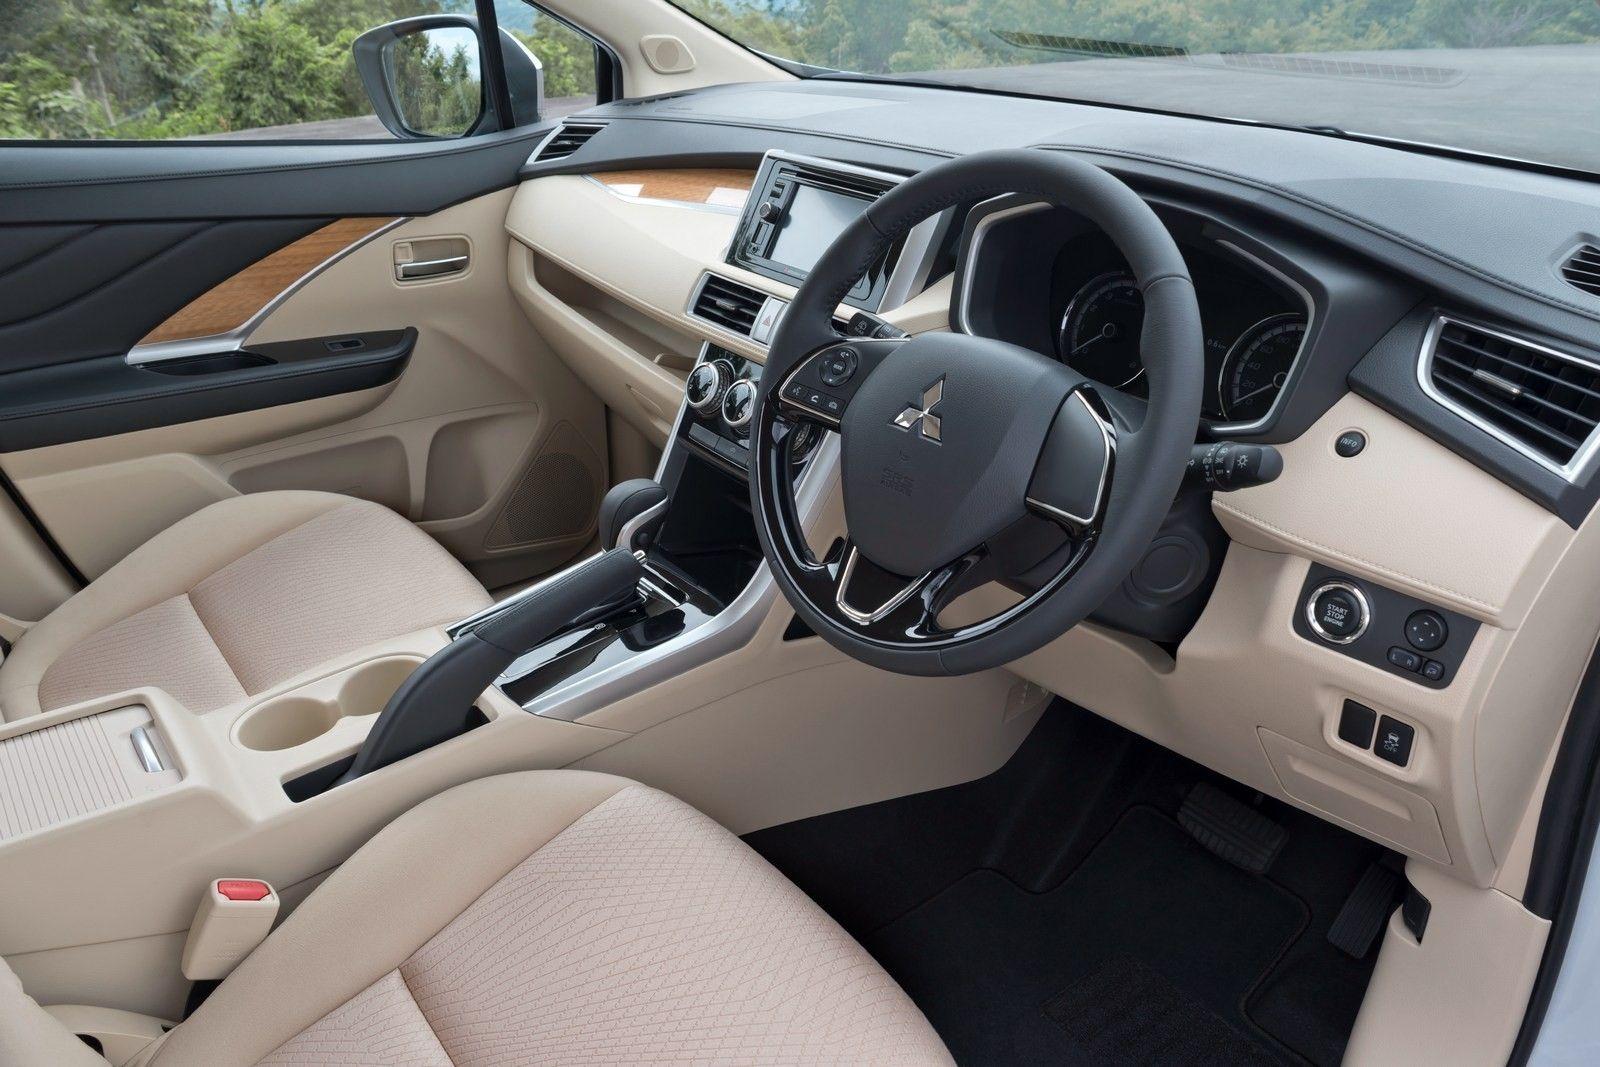 2019 Mitsubishi Sportero Spy Shoot Mitsubishi Release Date Car